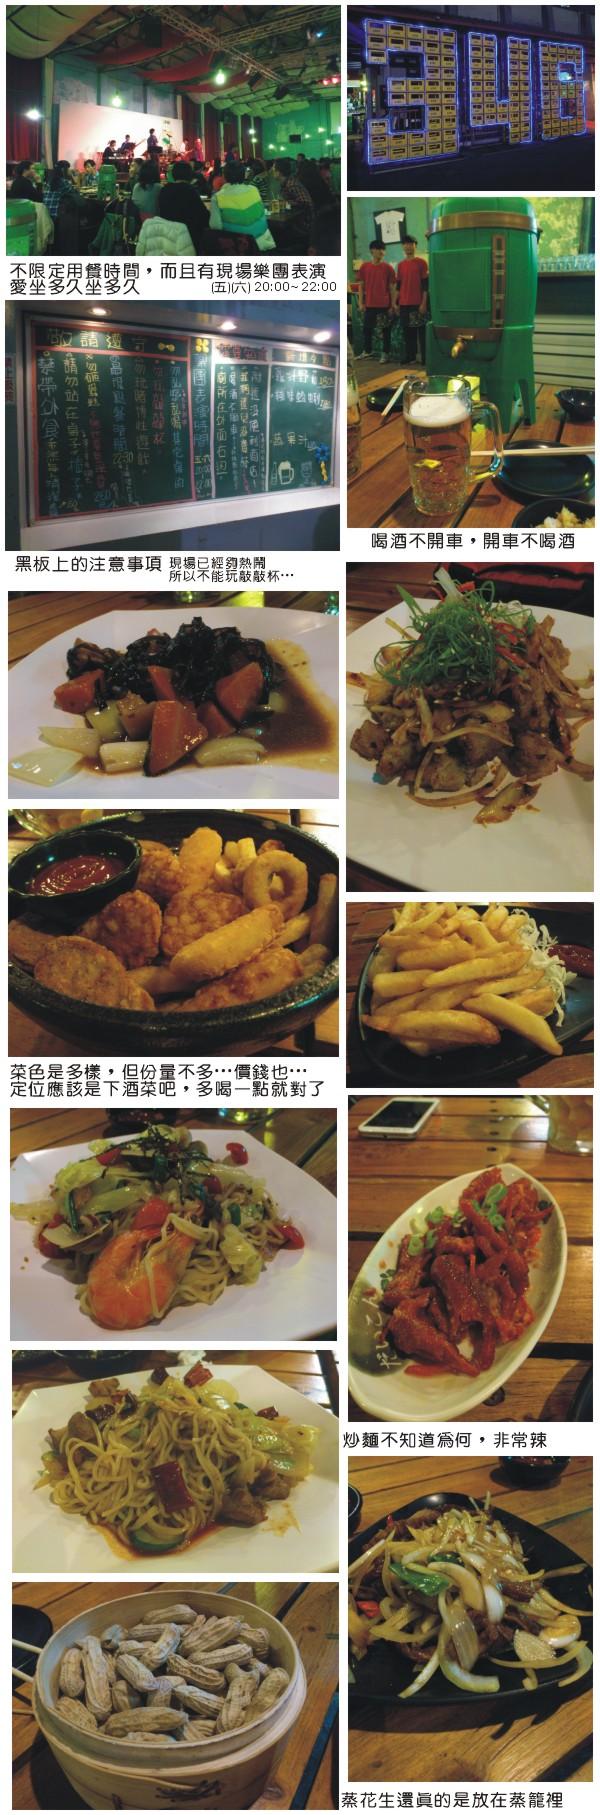 20130119台灣啤酒346倉庫餐廳